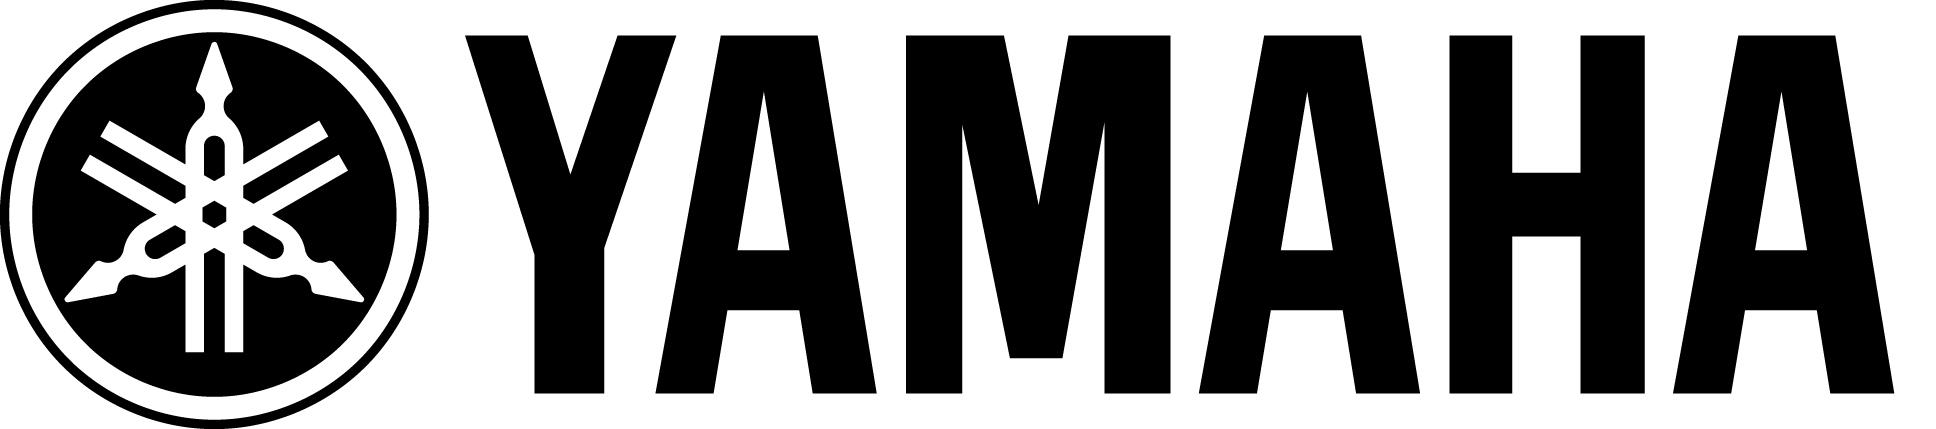 Yamaha Logo (Black on White) Hi Res